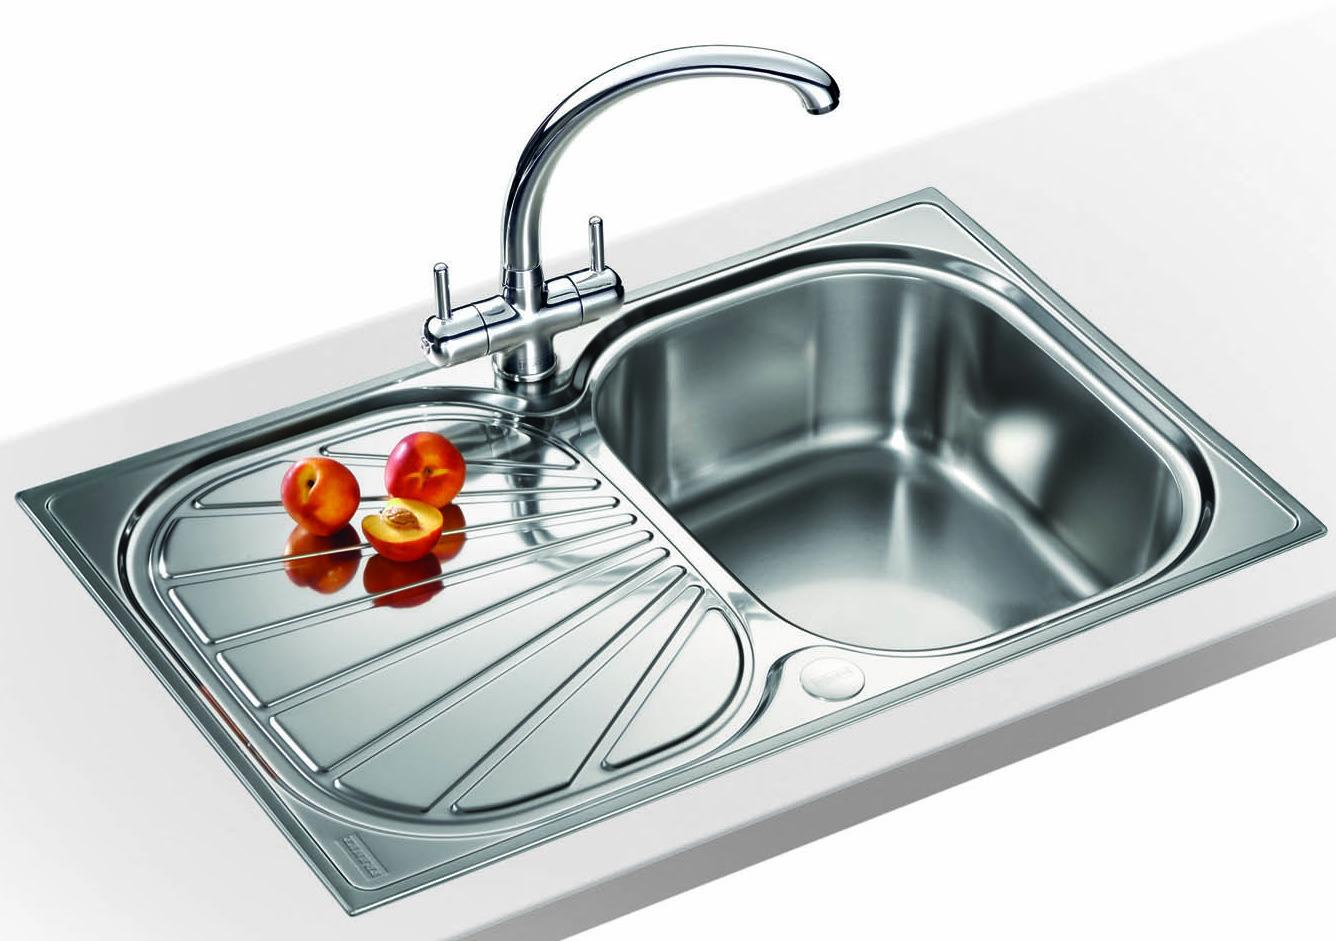 Best Caulk For Kitchen Sink